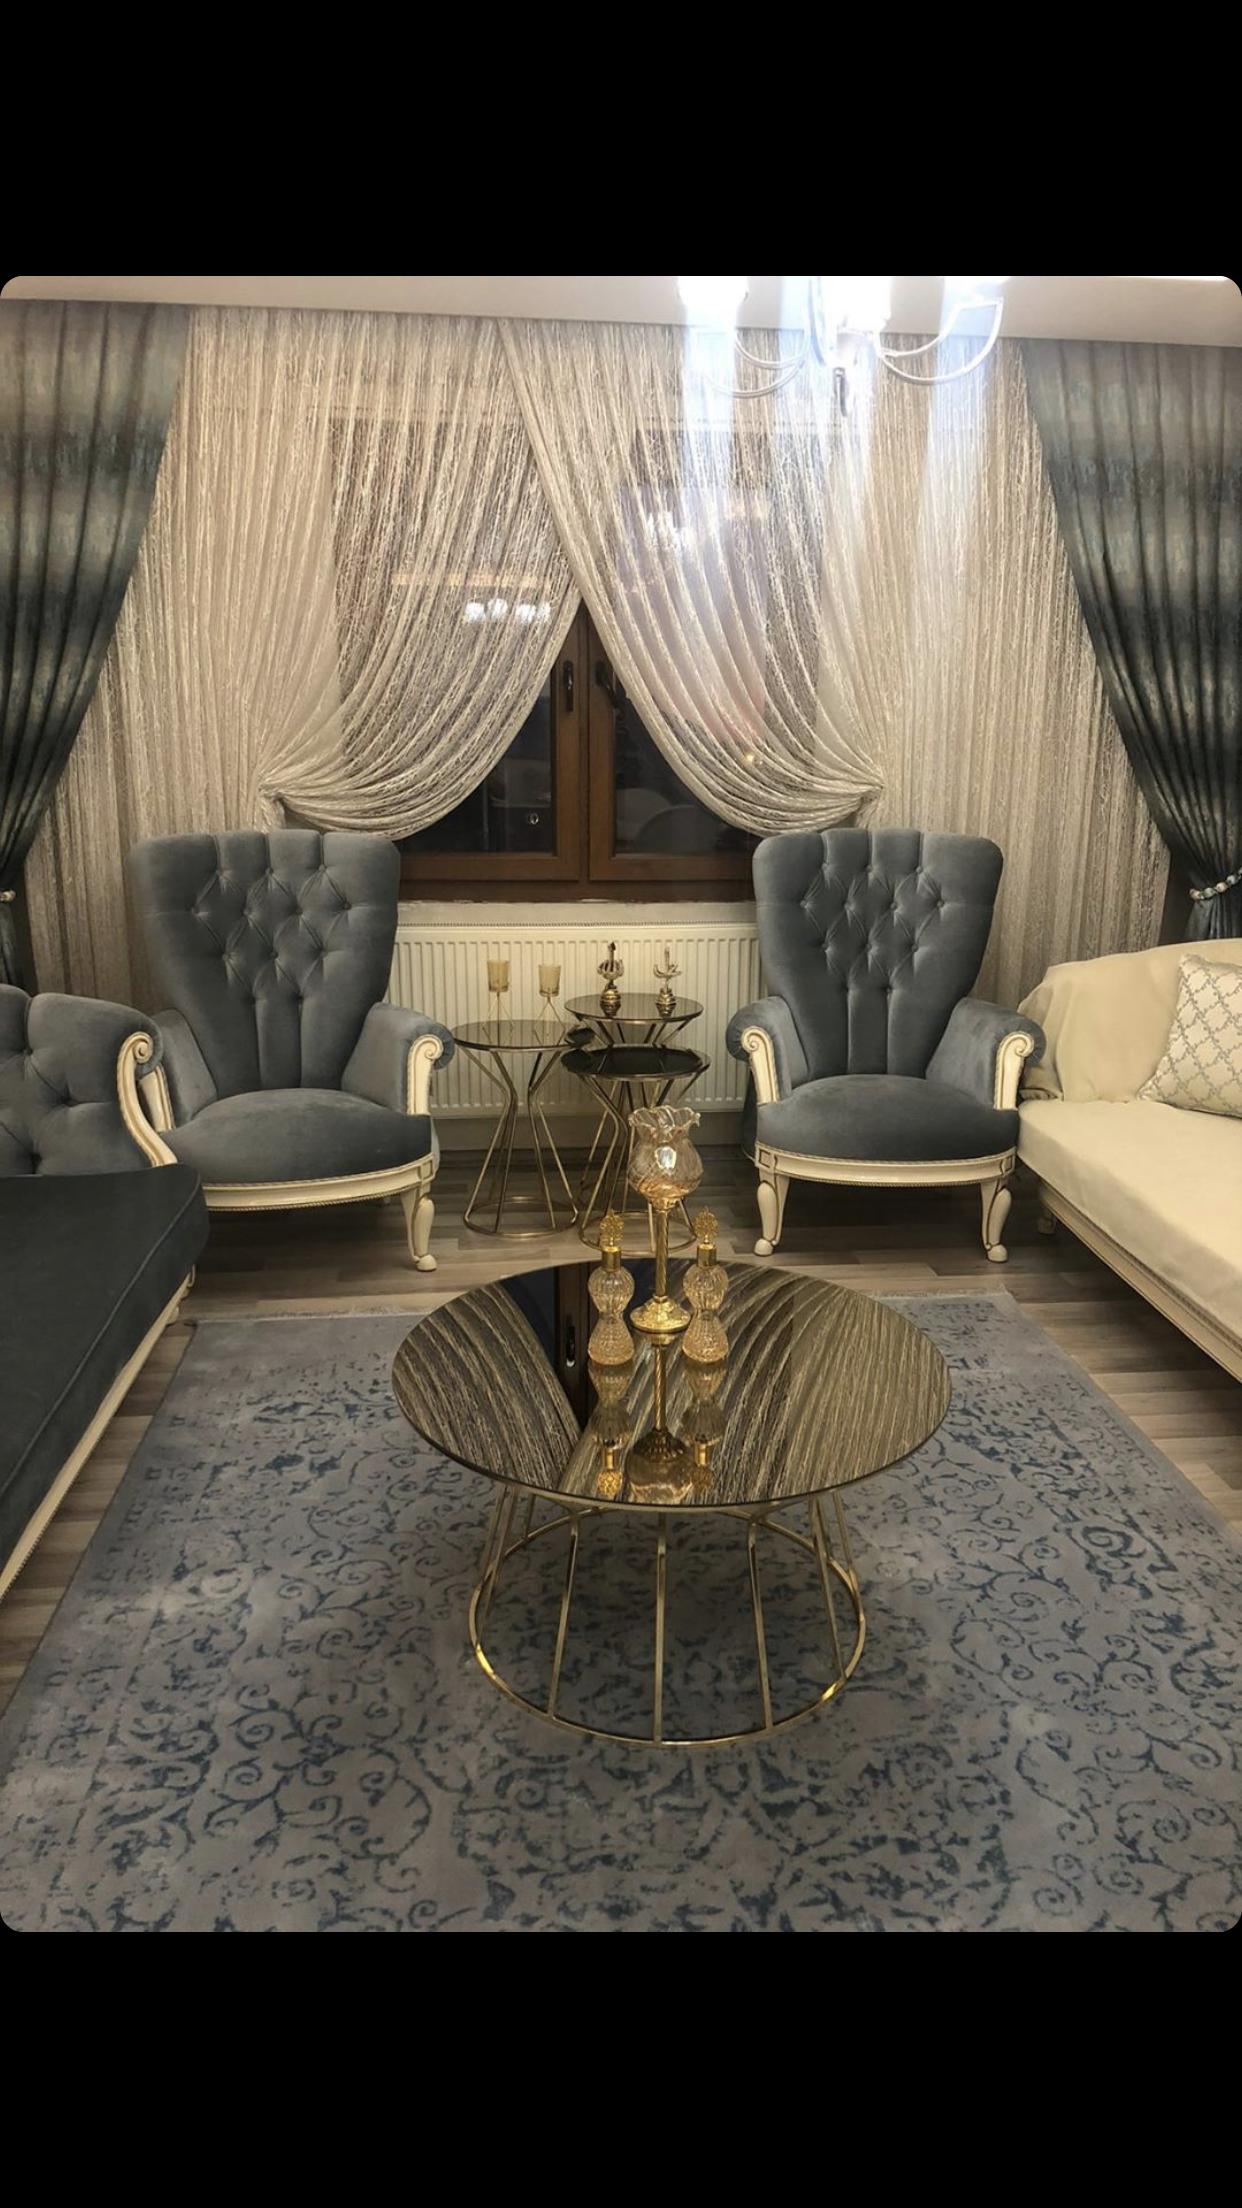 #luxury #sehpa #sehpamodelleri #coffeetable #eveningdresses #evdekoru  İletişim  İnstagram: toktascamdekor  Watsapp: 5061345931